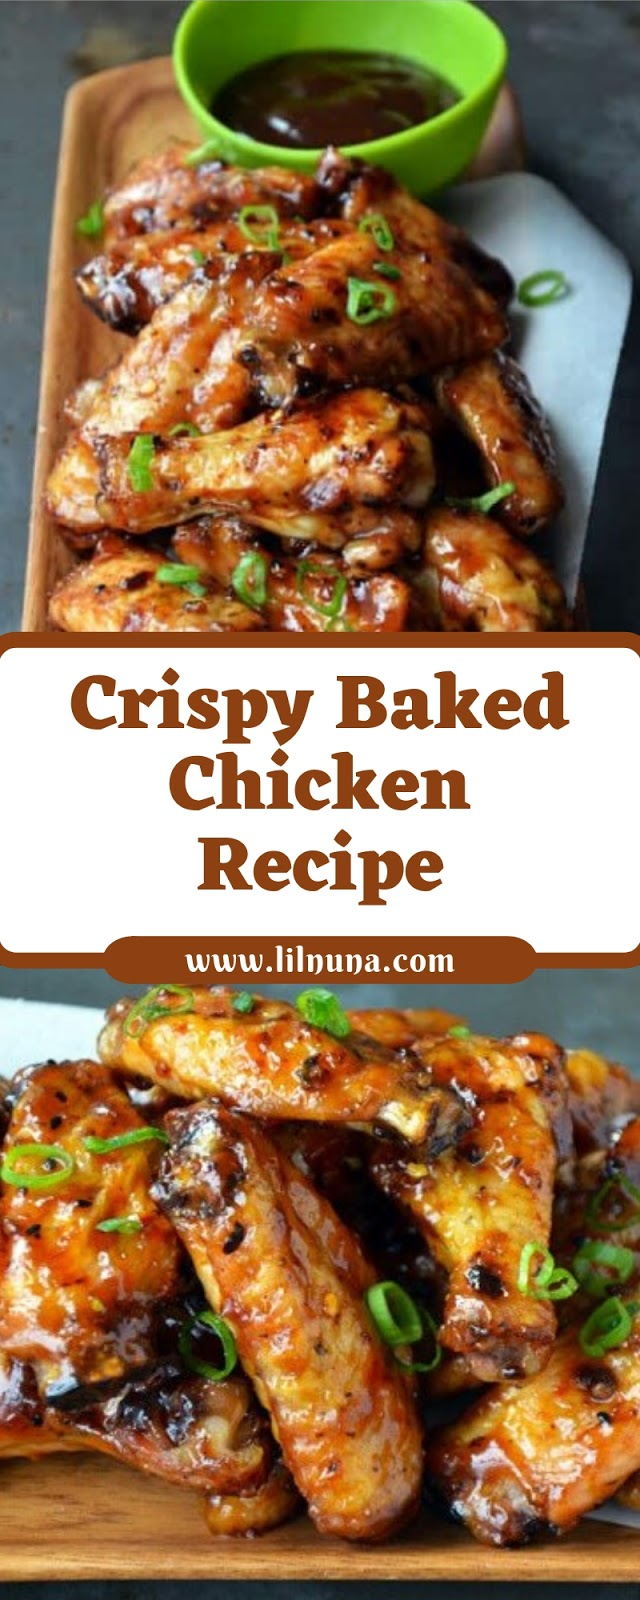 Crispy Baked Chicken Recipe